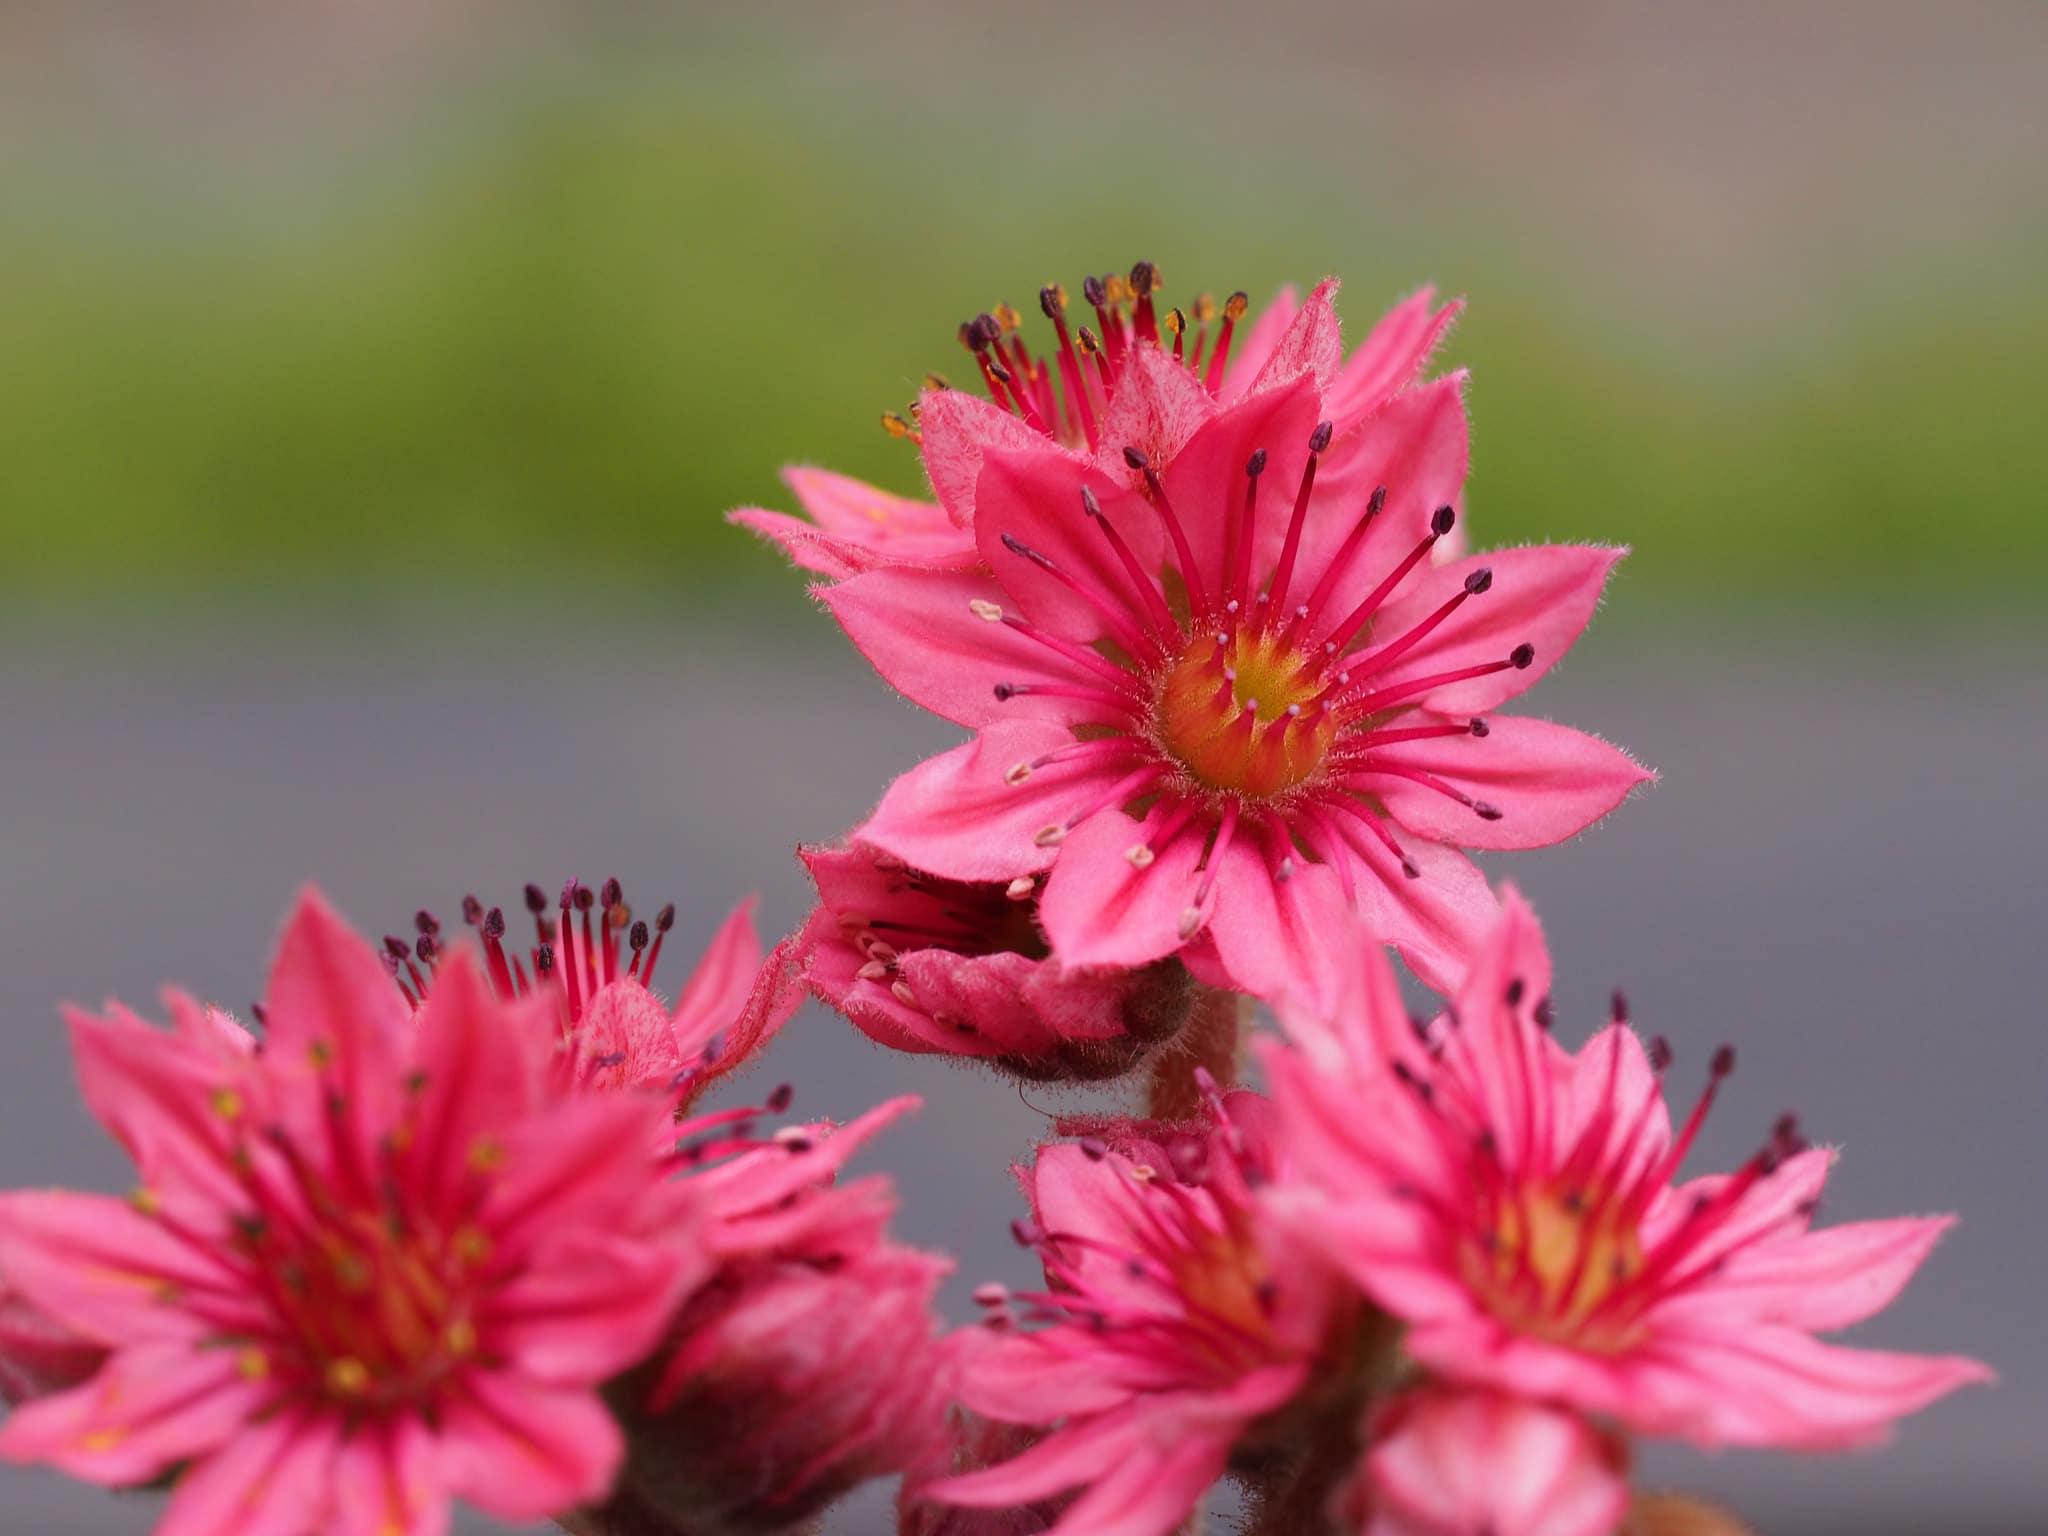 Las flores de la planta araña son rojizas